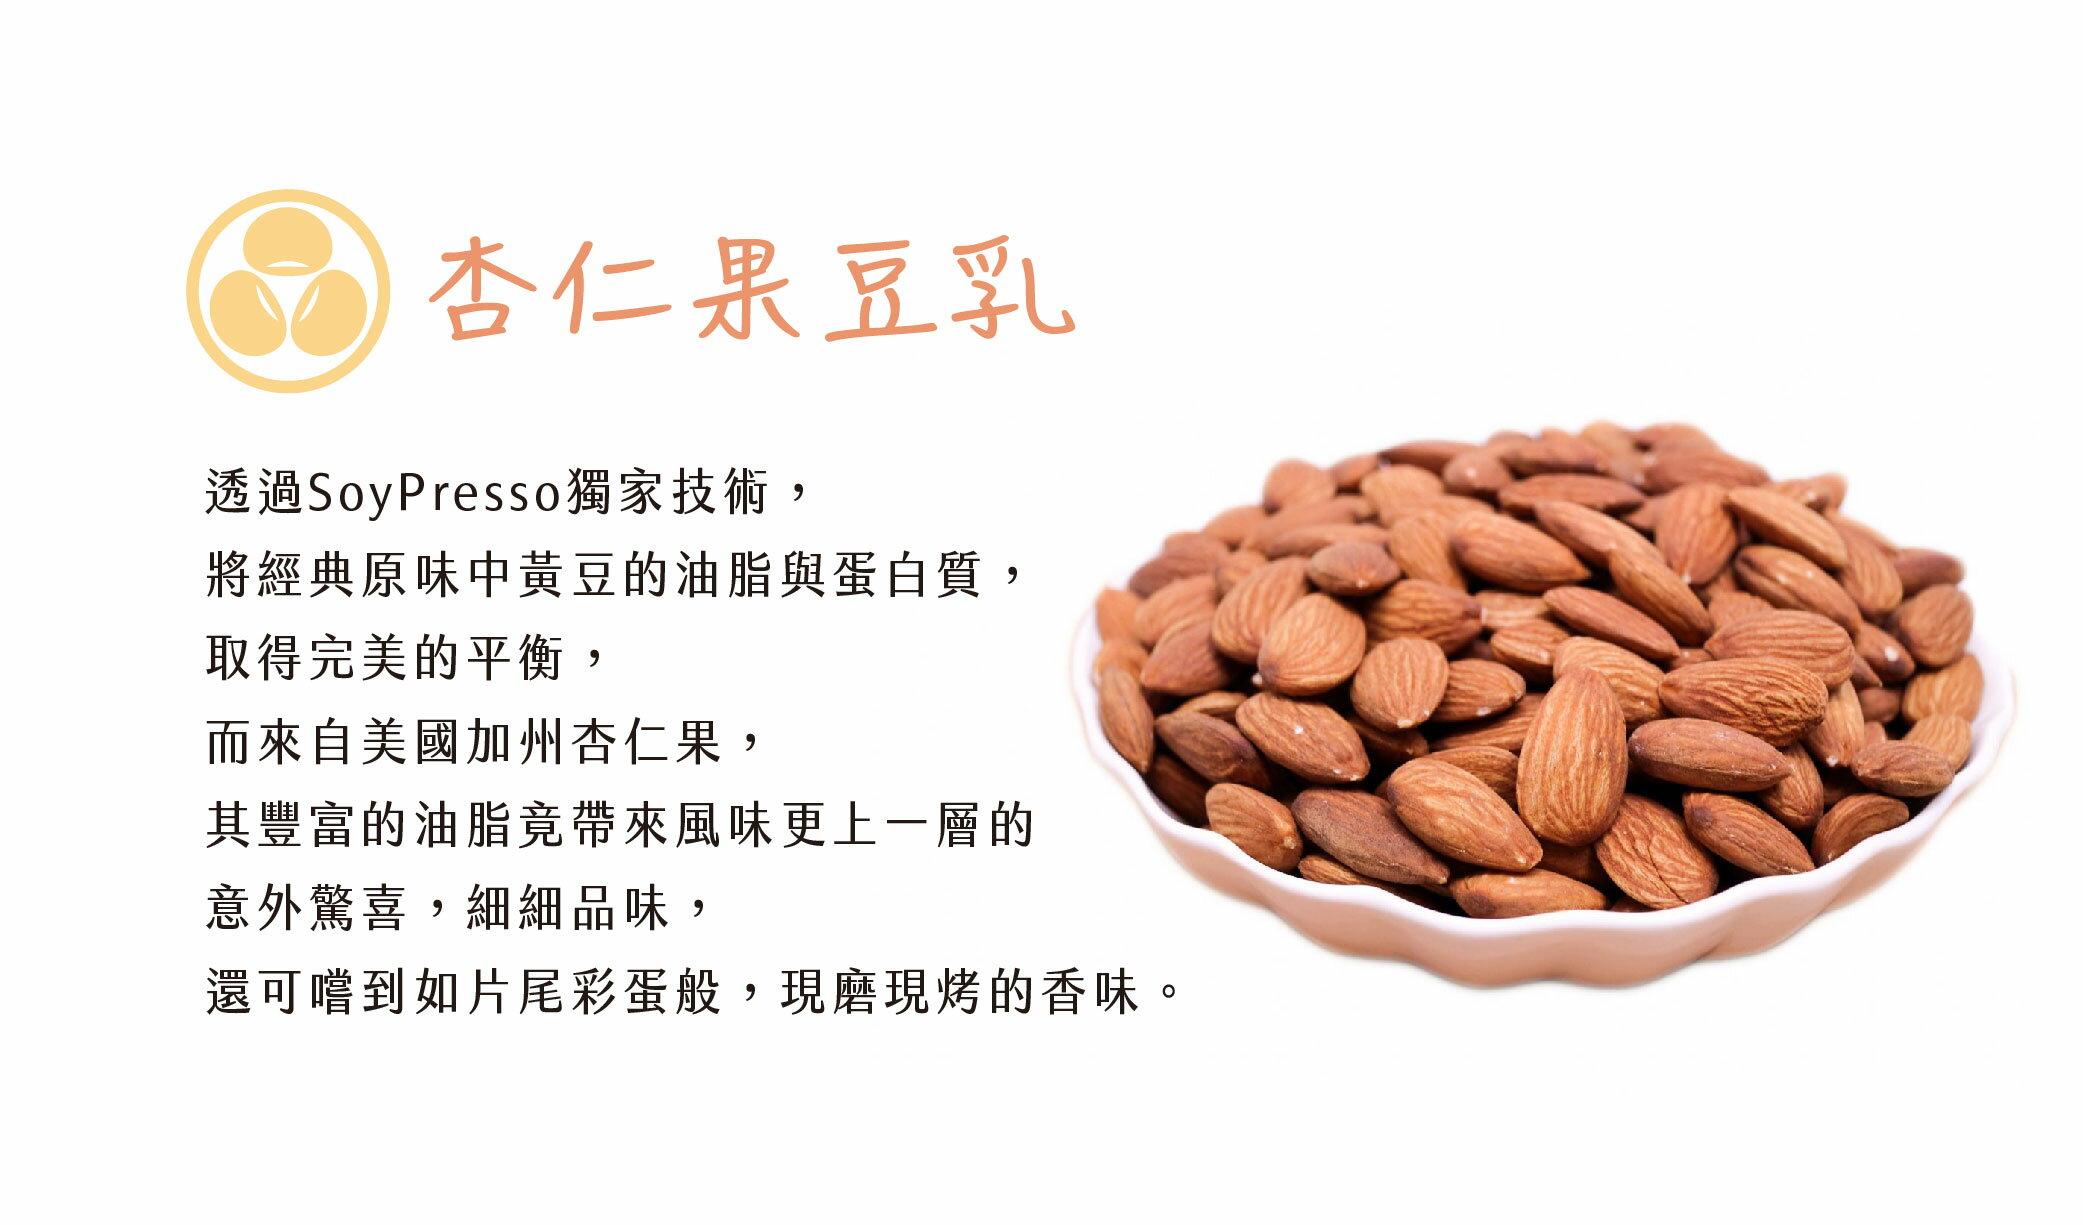 【漿樣子濃い豆乳】杏仁果豆乳(小瓶 / 360CC)→濃郁好喝的豆漿超級優惠! 1